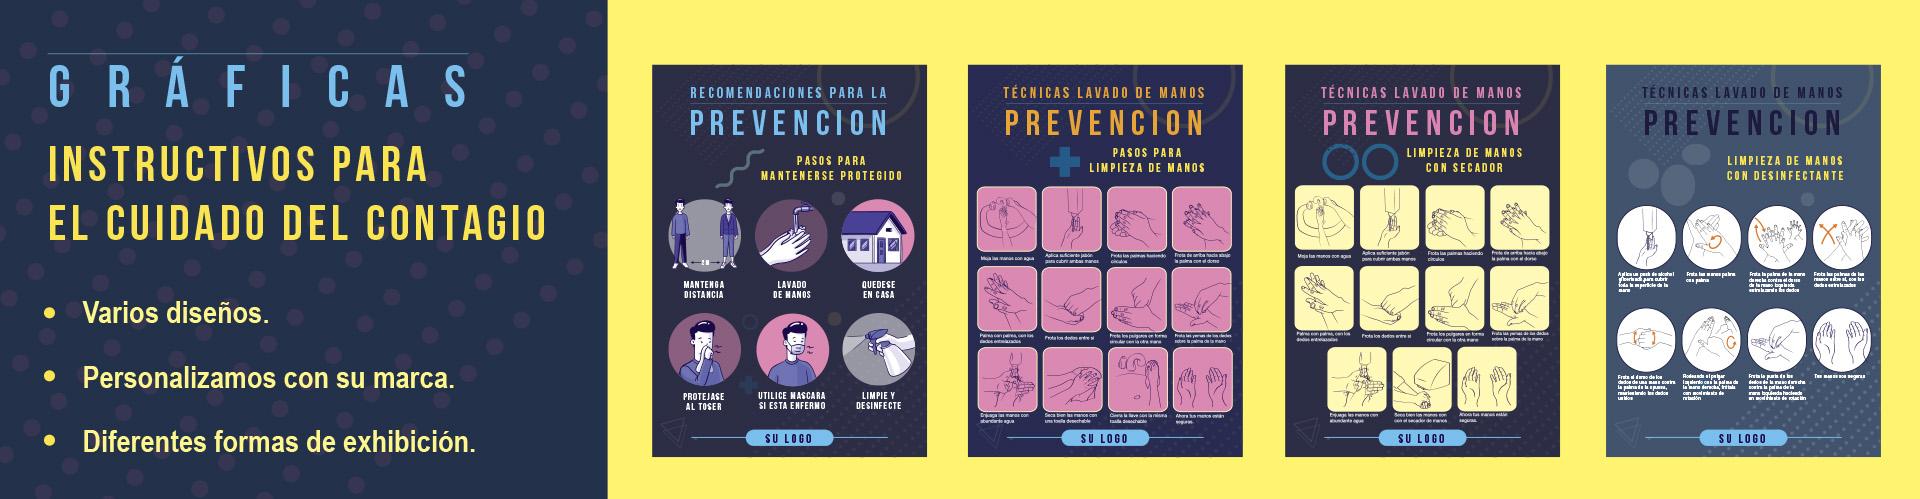 Gráficas e instructivos para la prevención del contagio